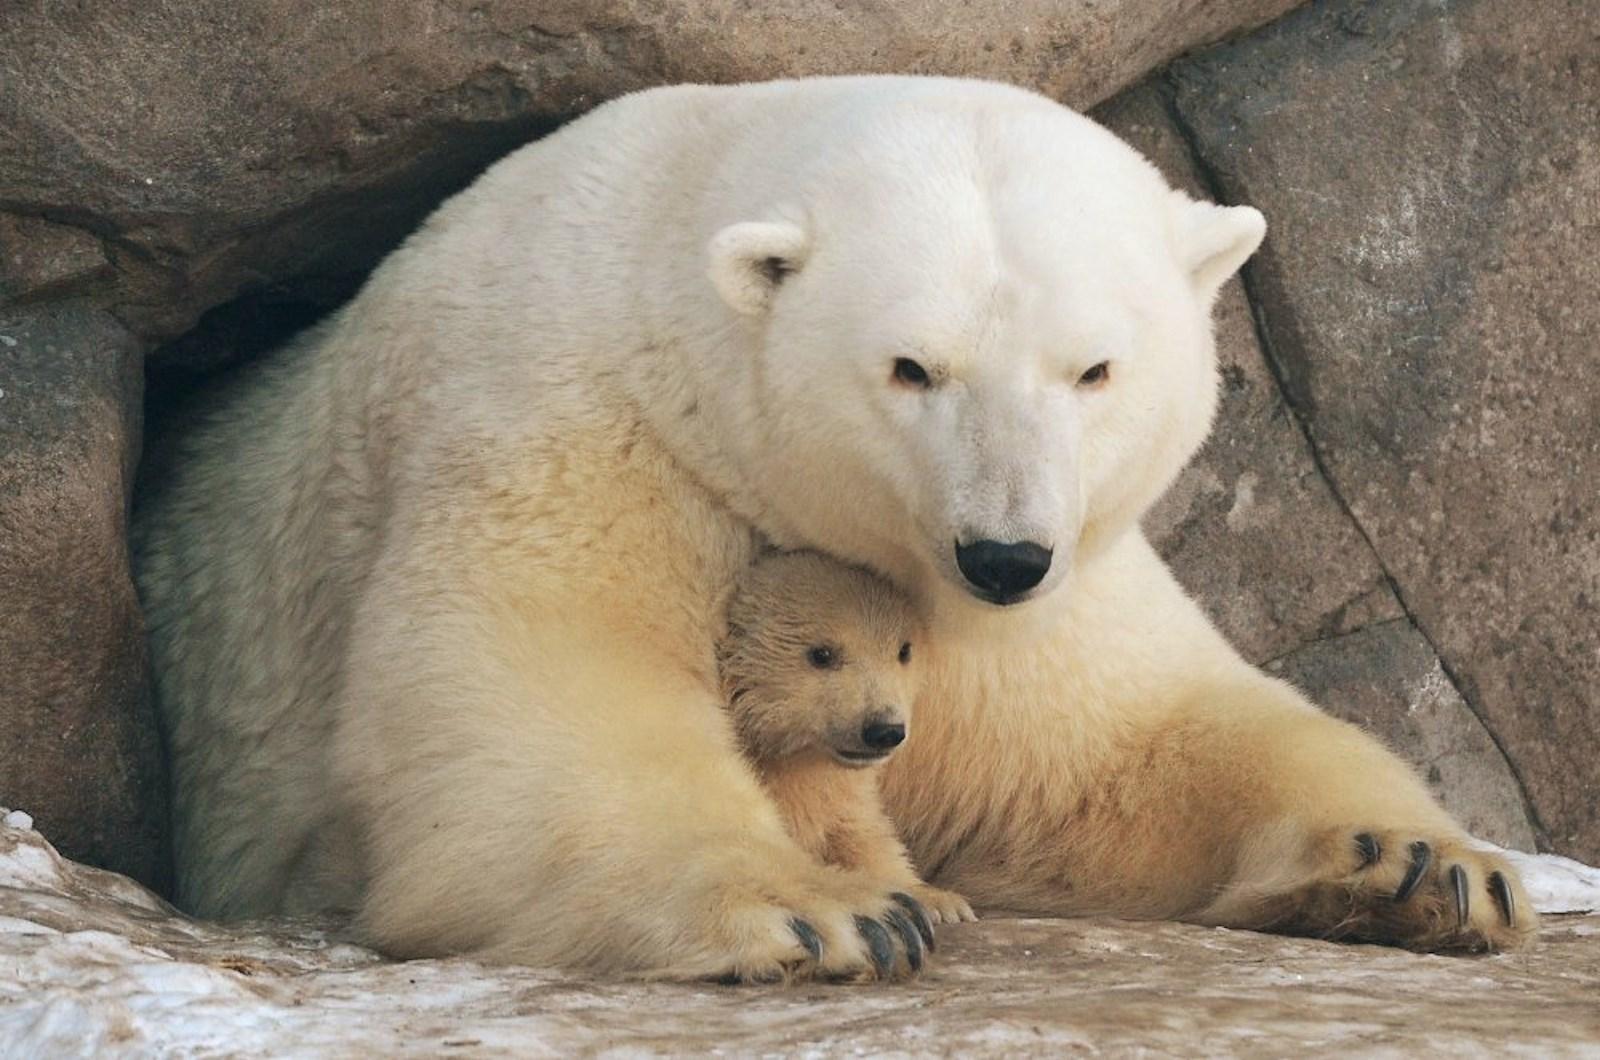 00 Polar bear cubs. Moscow Zoopark 02. Russia. 26.02.15